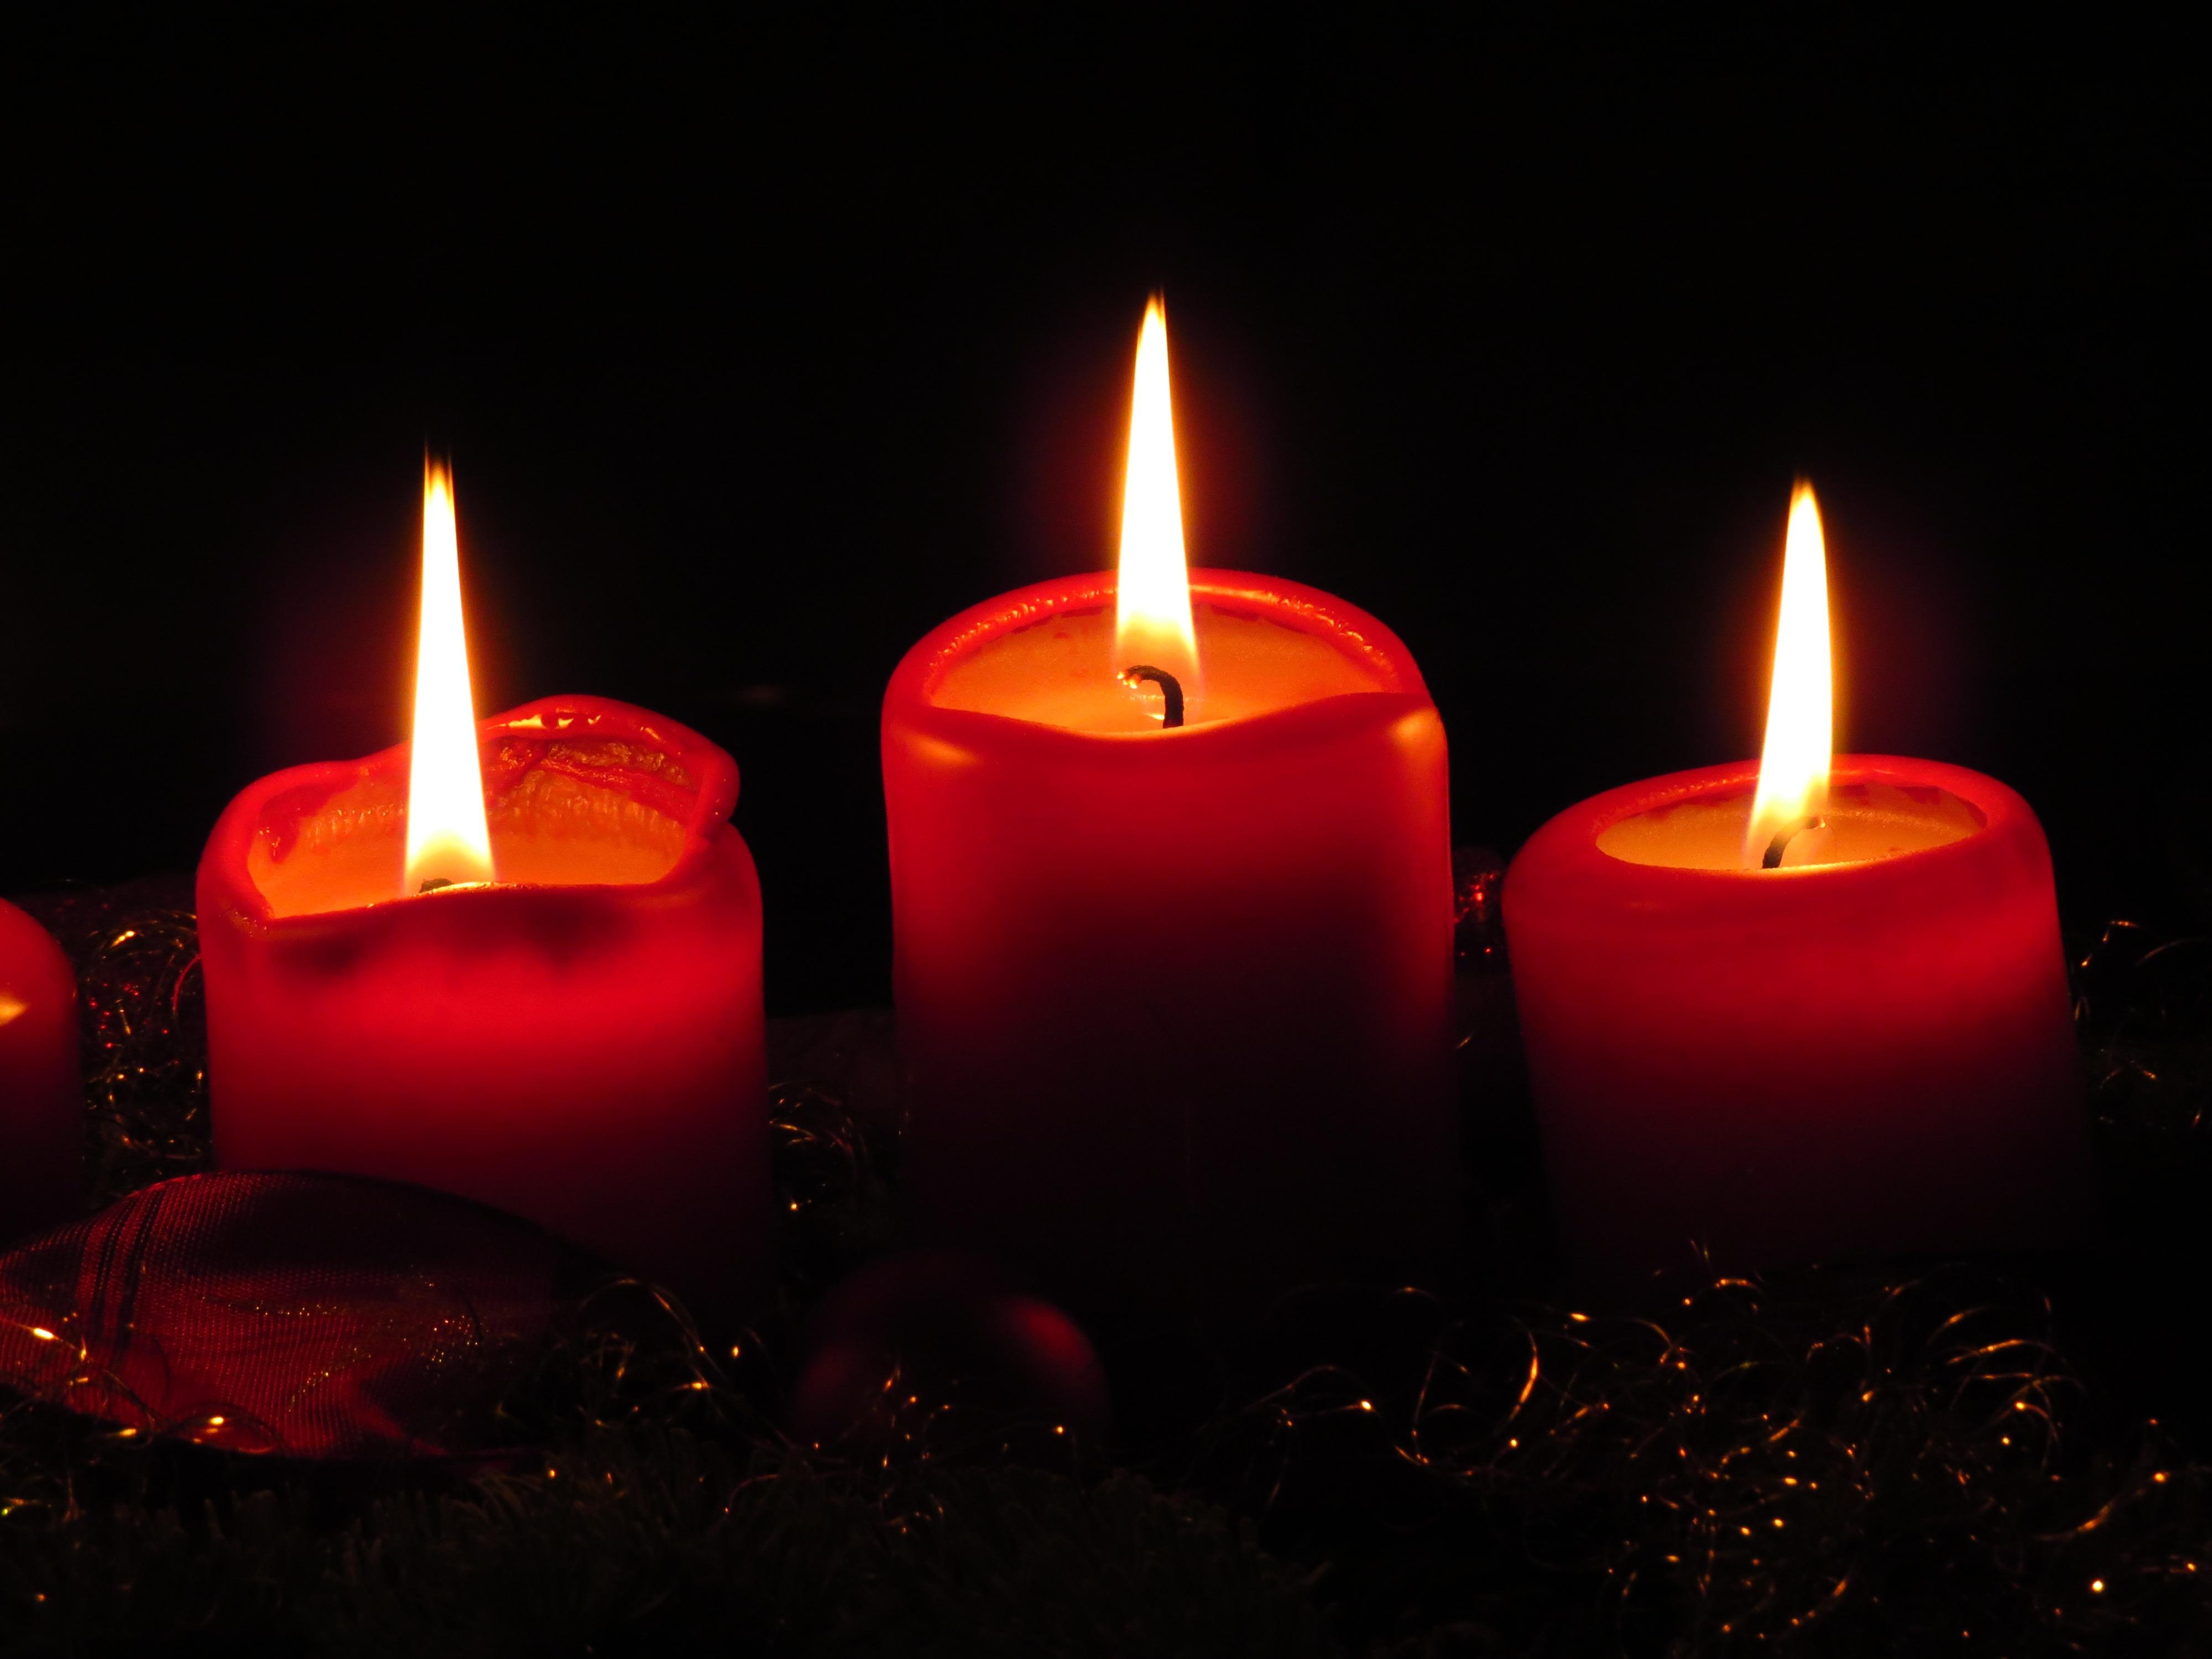 Immagini belle leggero vacanza fiamma fuoco romantico